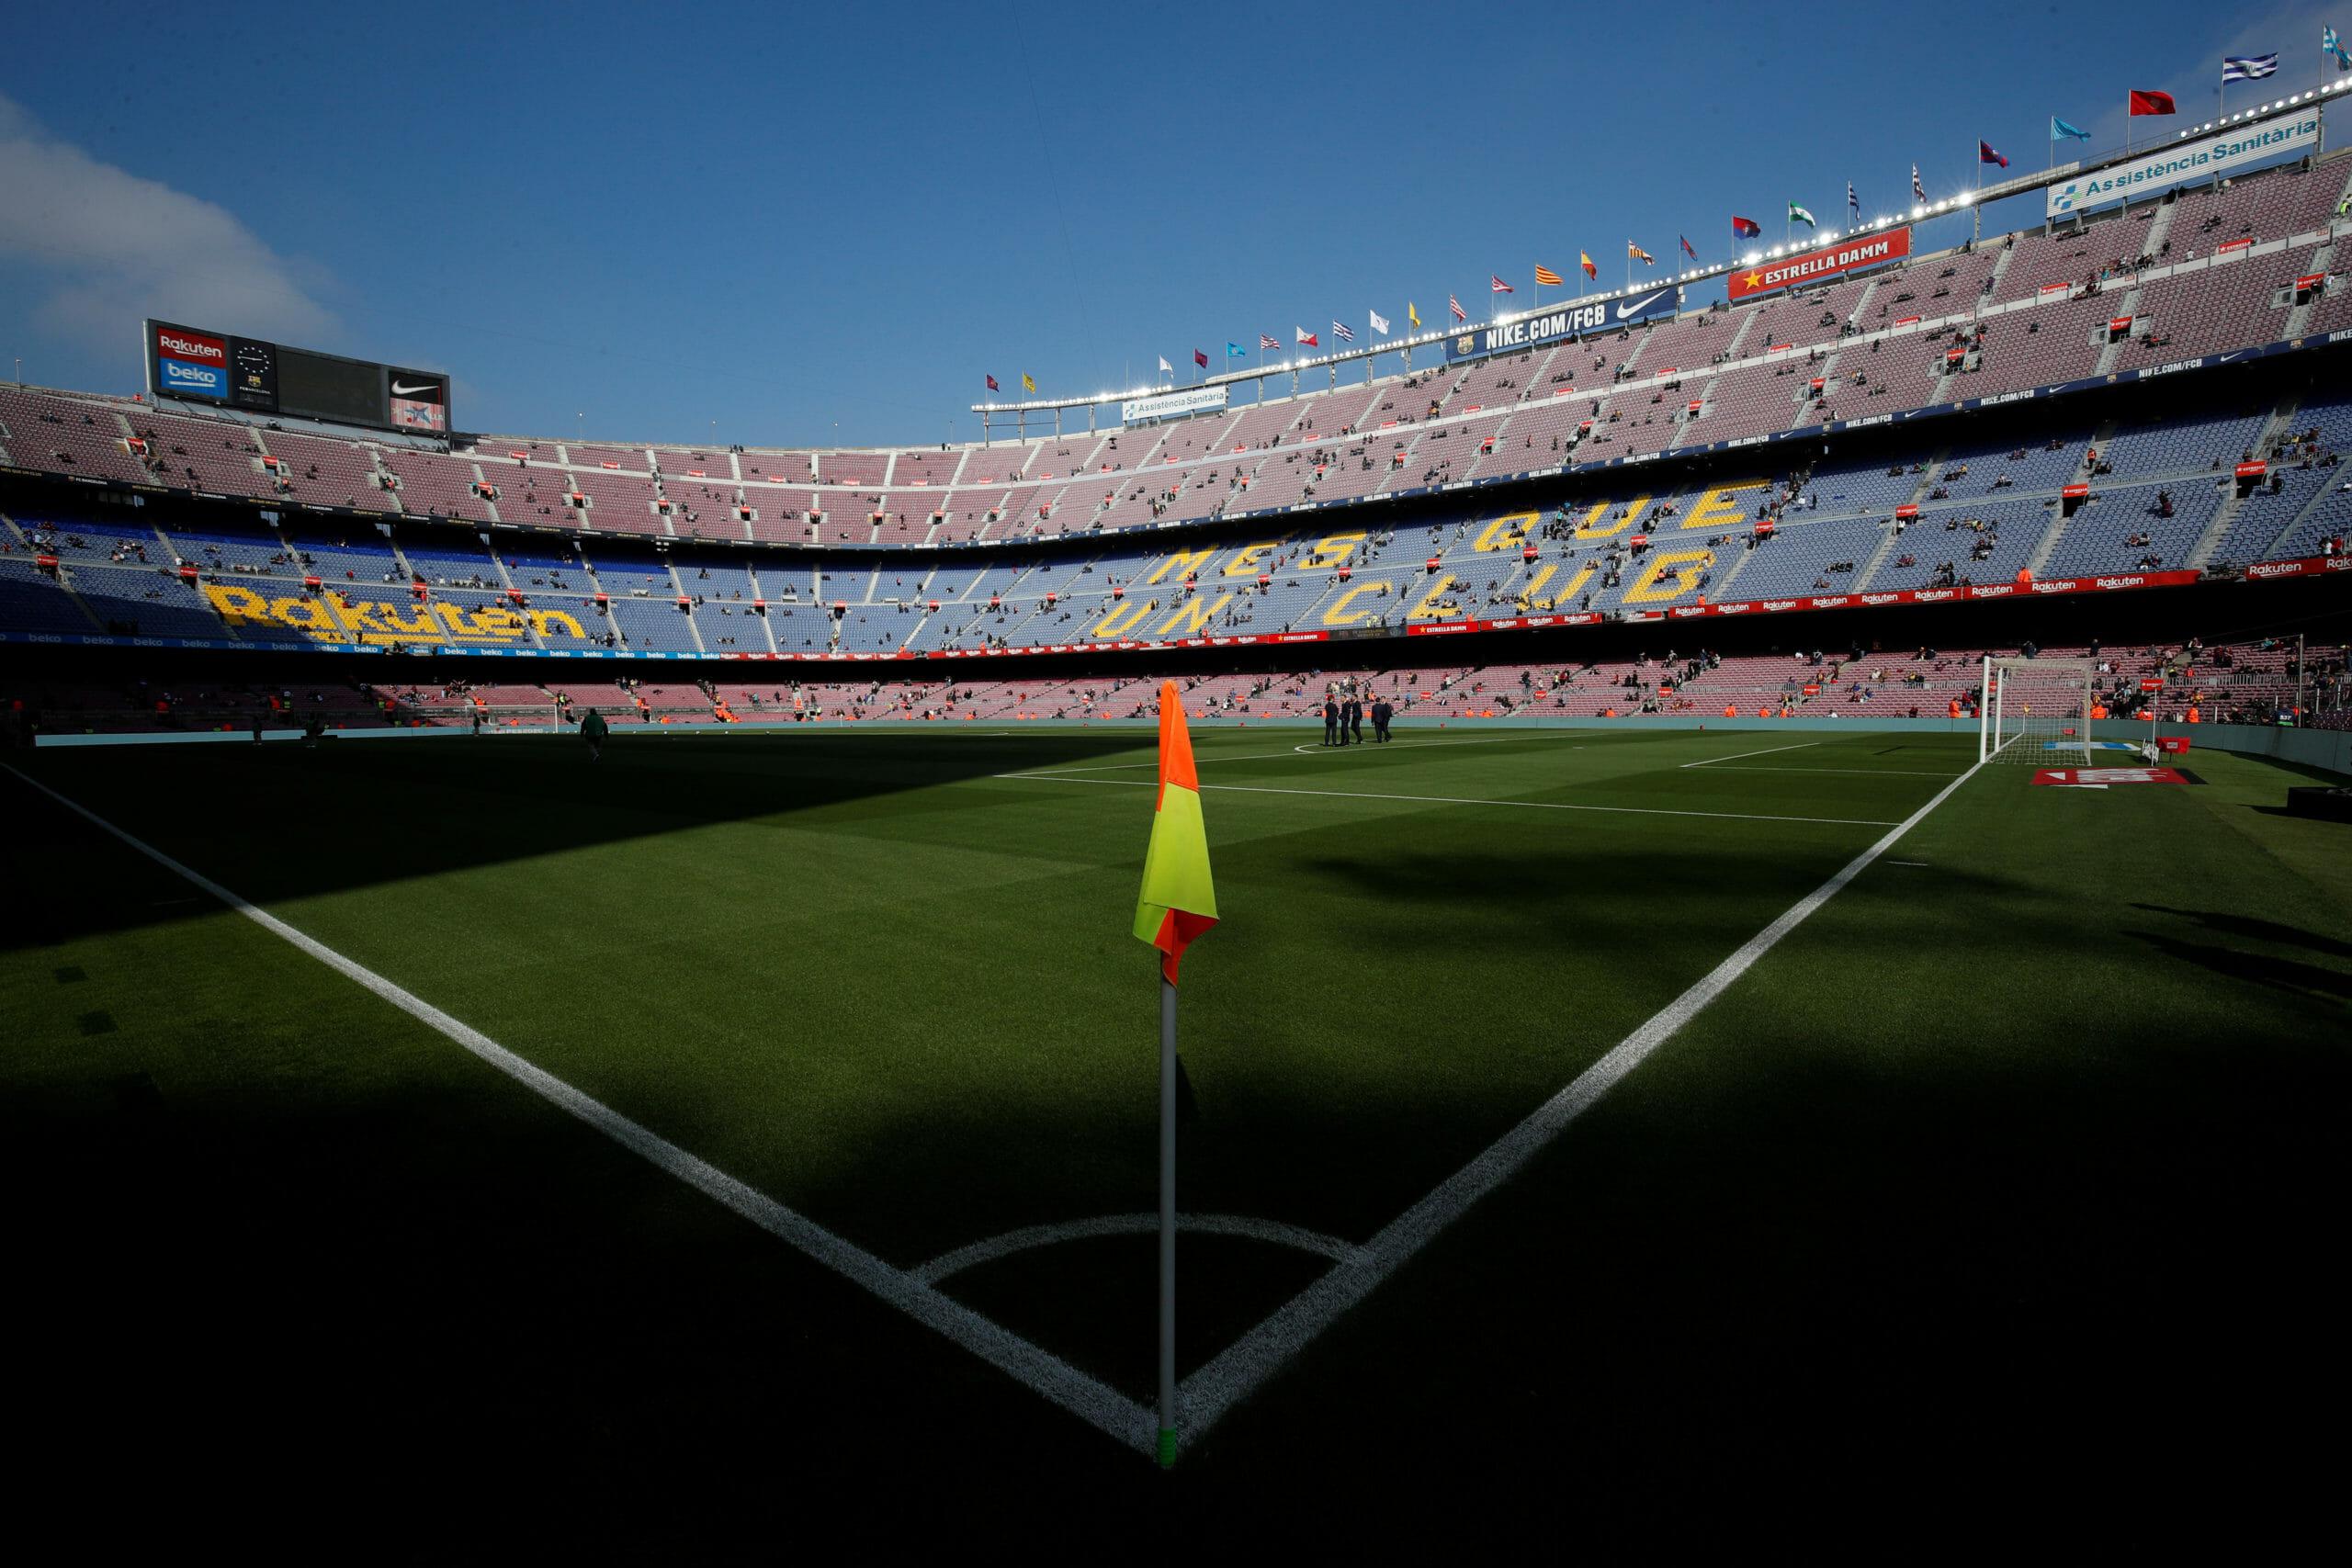 Κορονοϊός: Σκέψεις αναβολής των διεθνών διοργανώσεων κάνει η UEFA! Χωρίς θεατές και το Μπαρτσελόνα – Νάπολι